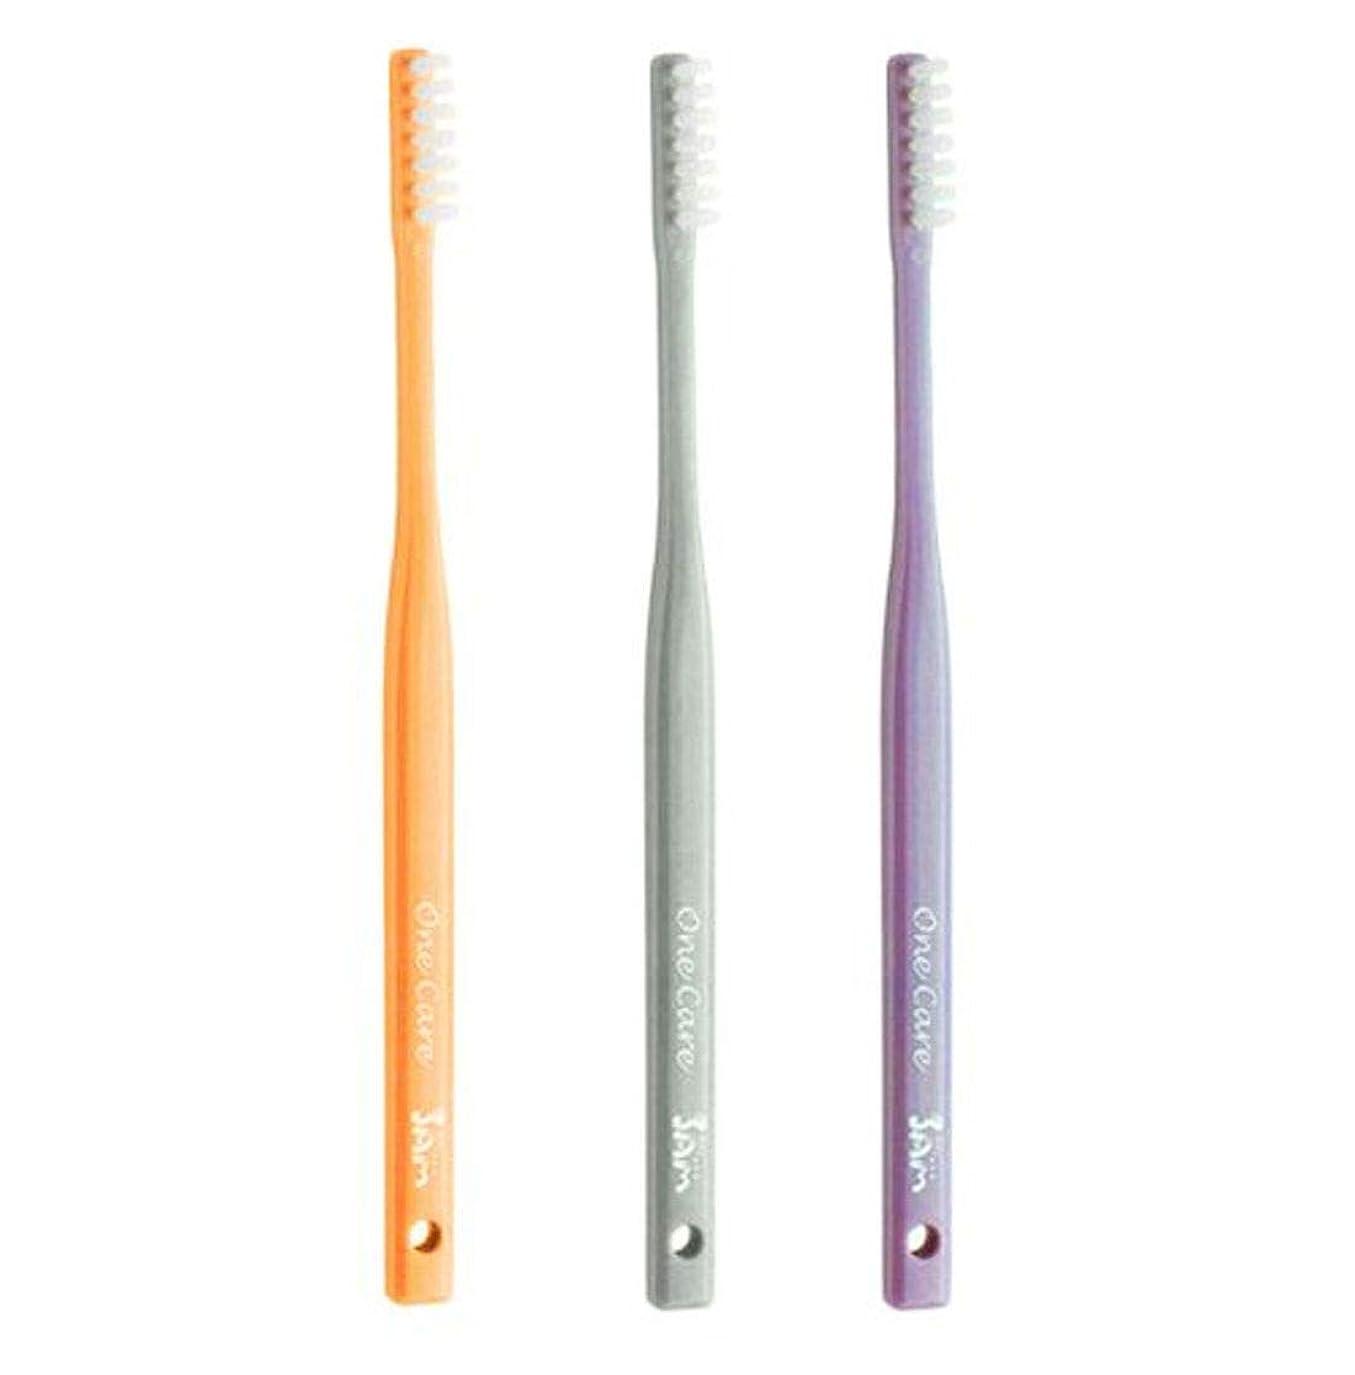 凝視水分痛みサムフレンド 1列 歯ブラシ ワンケア OneCare 5本(アソート)